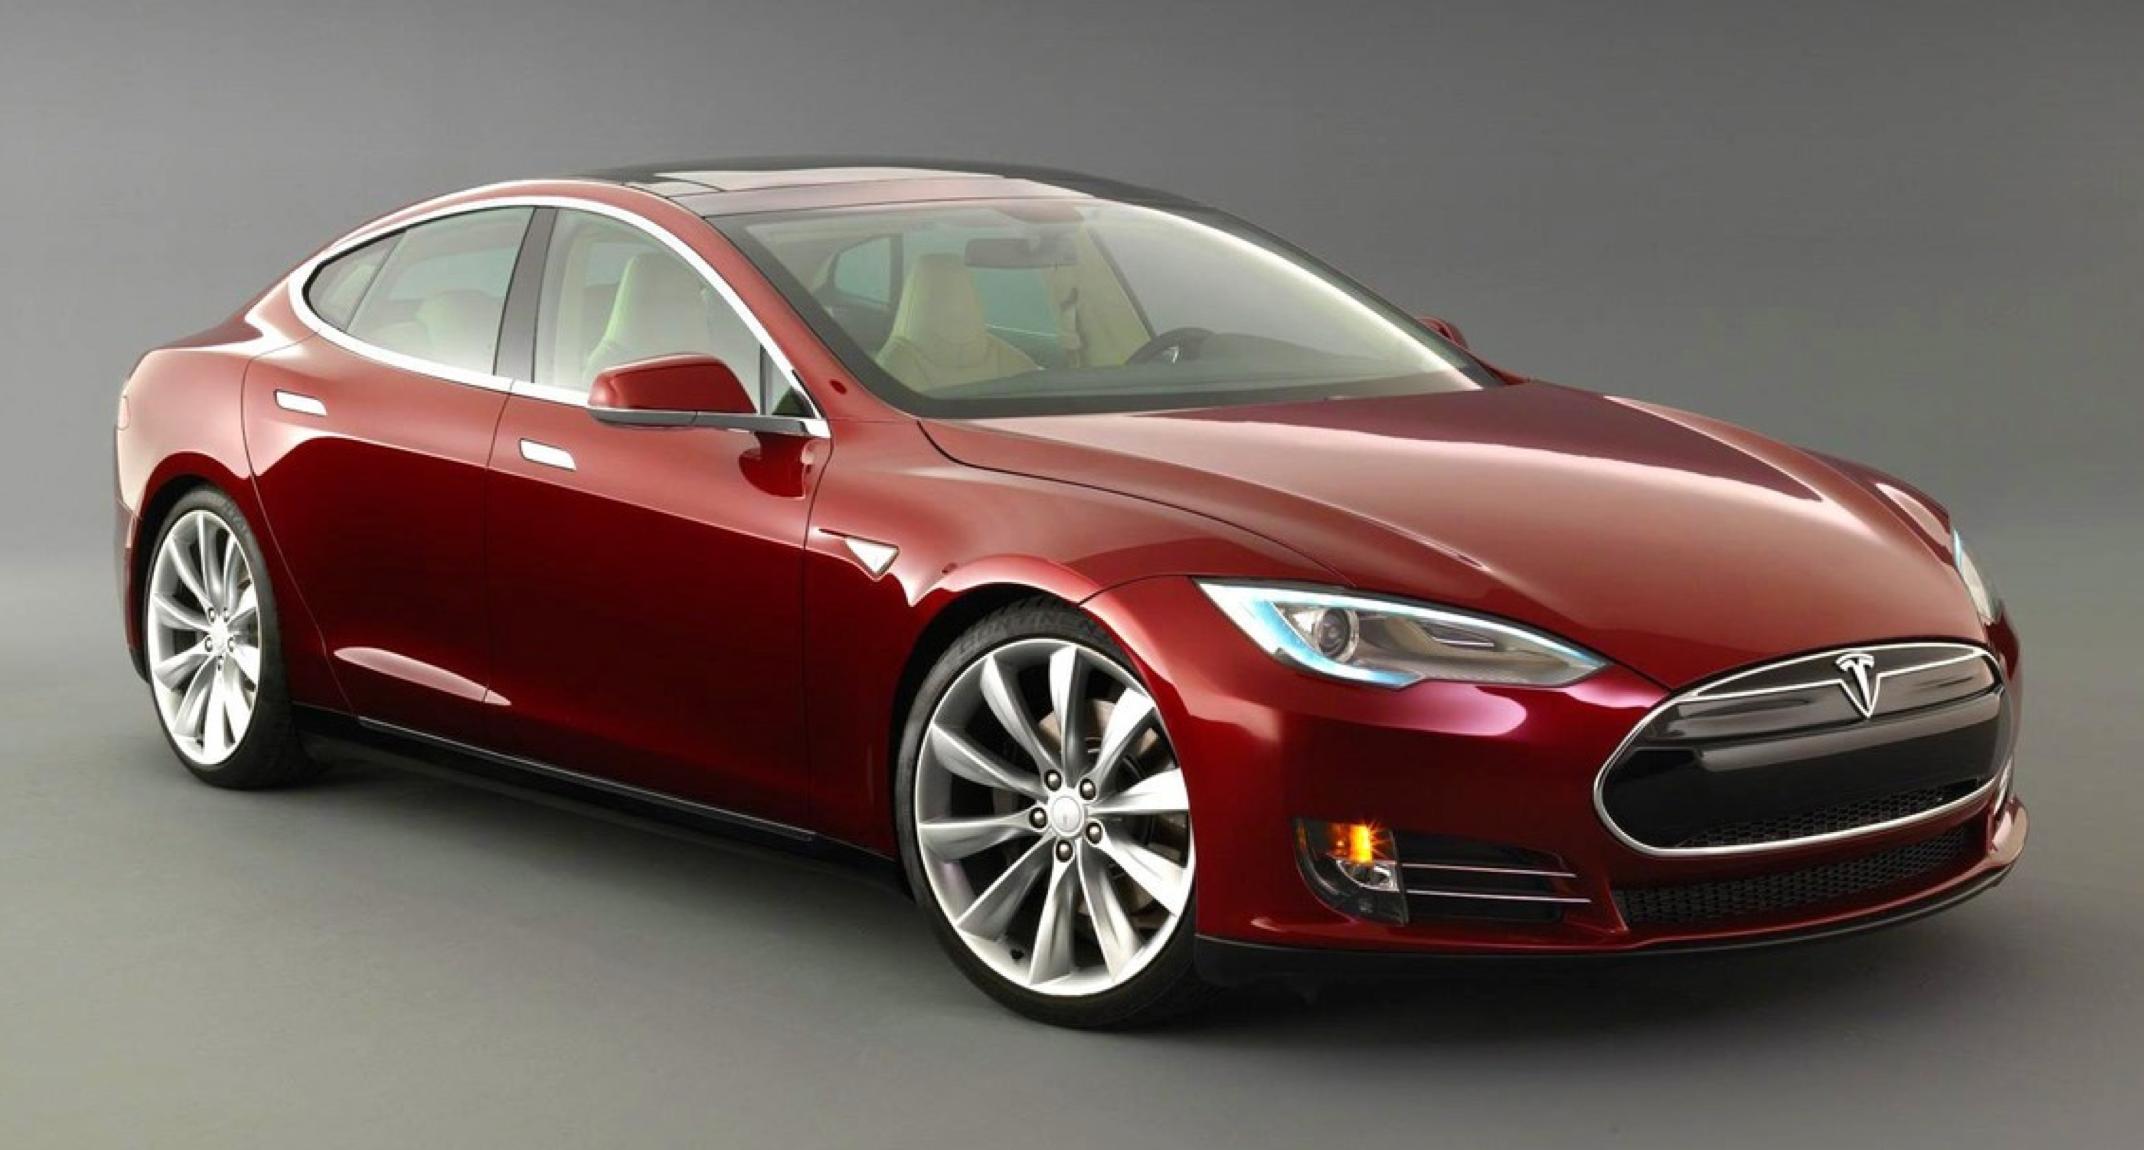 Цена Tesla Model S. Стоимость автомобиля Тесла Модель S